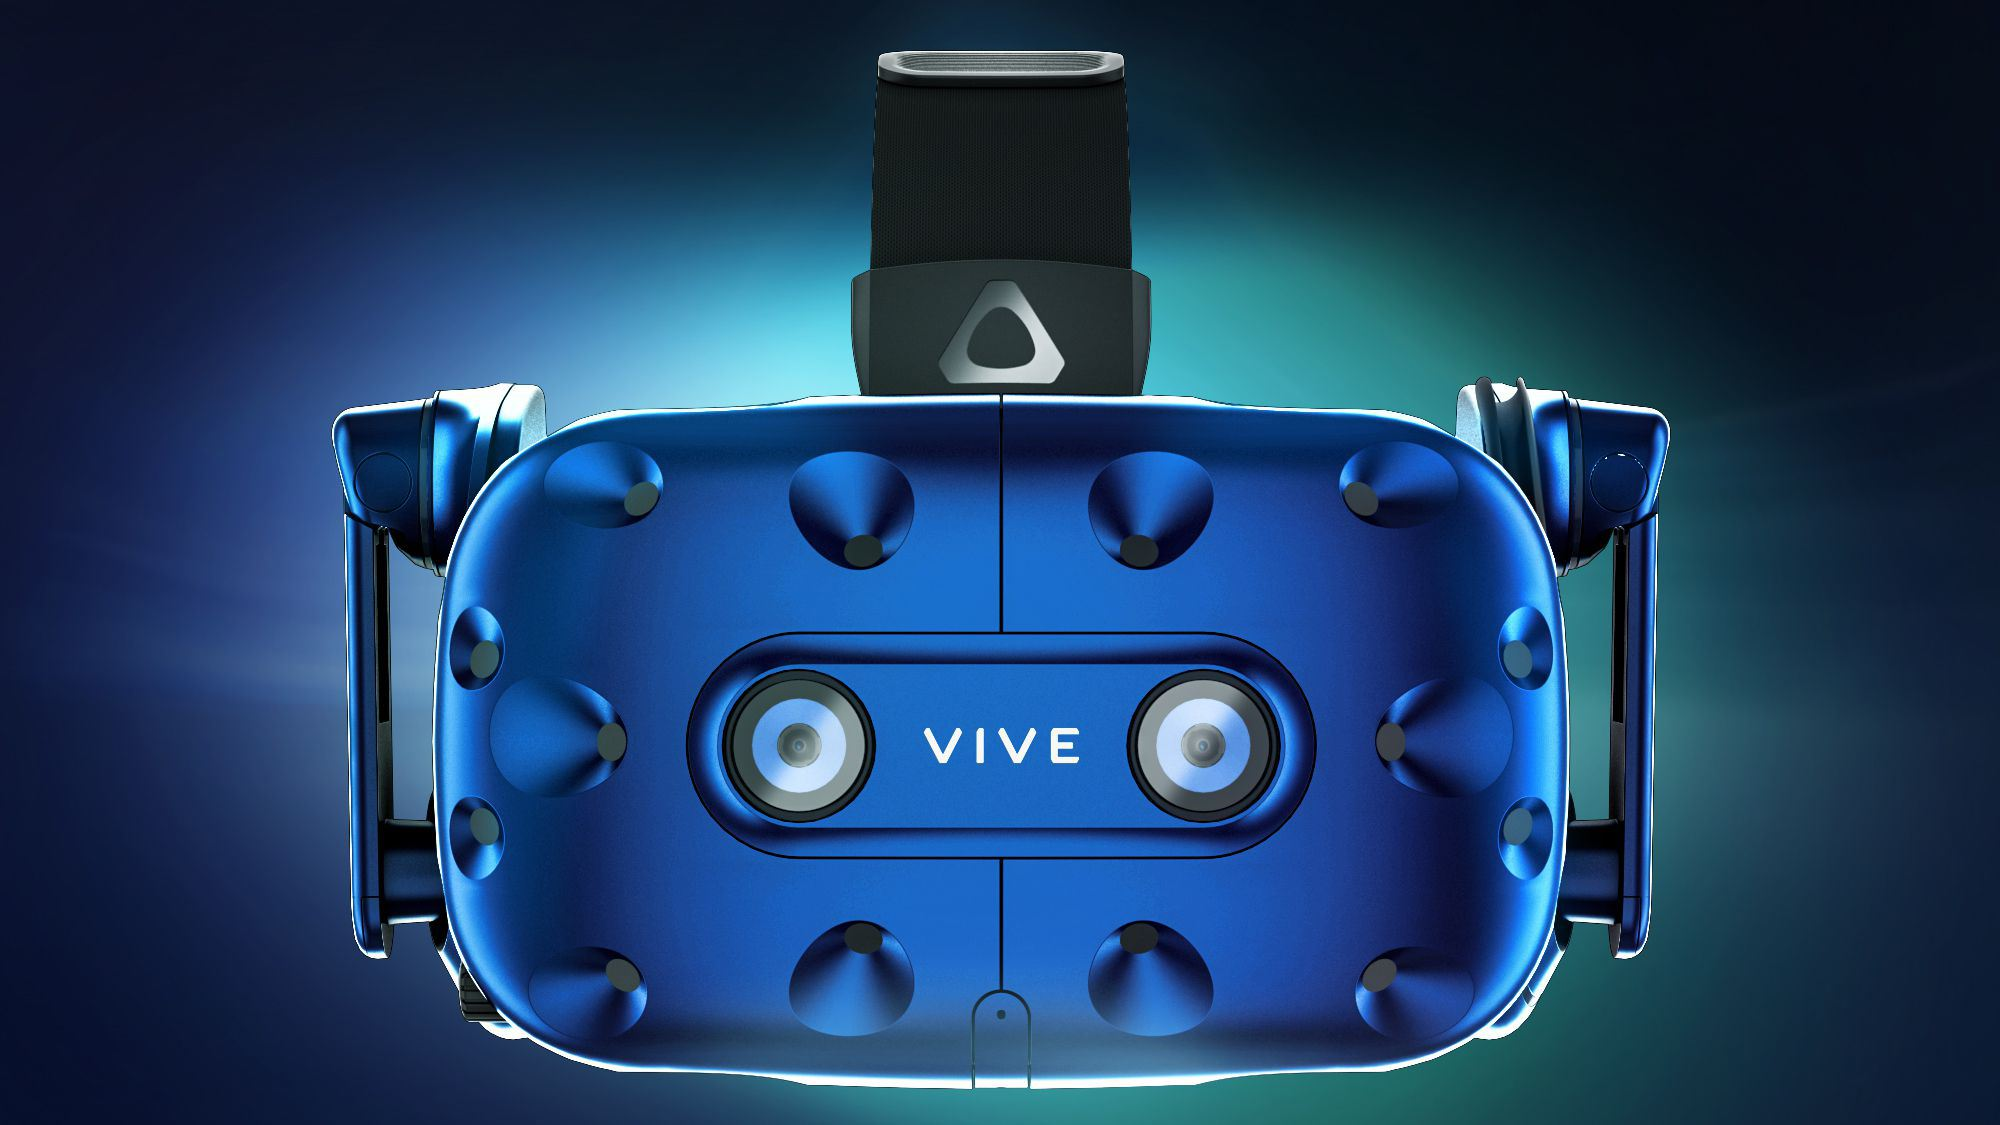 HTC Vive Pro product shot